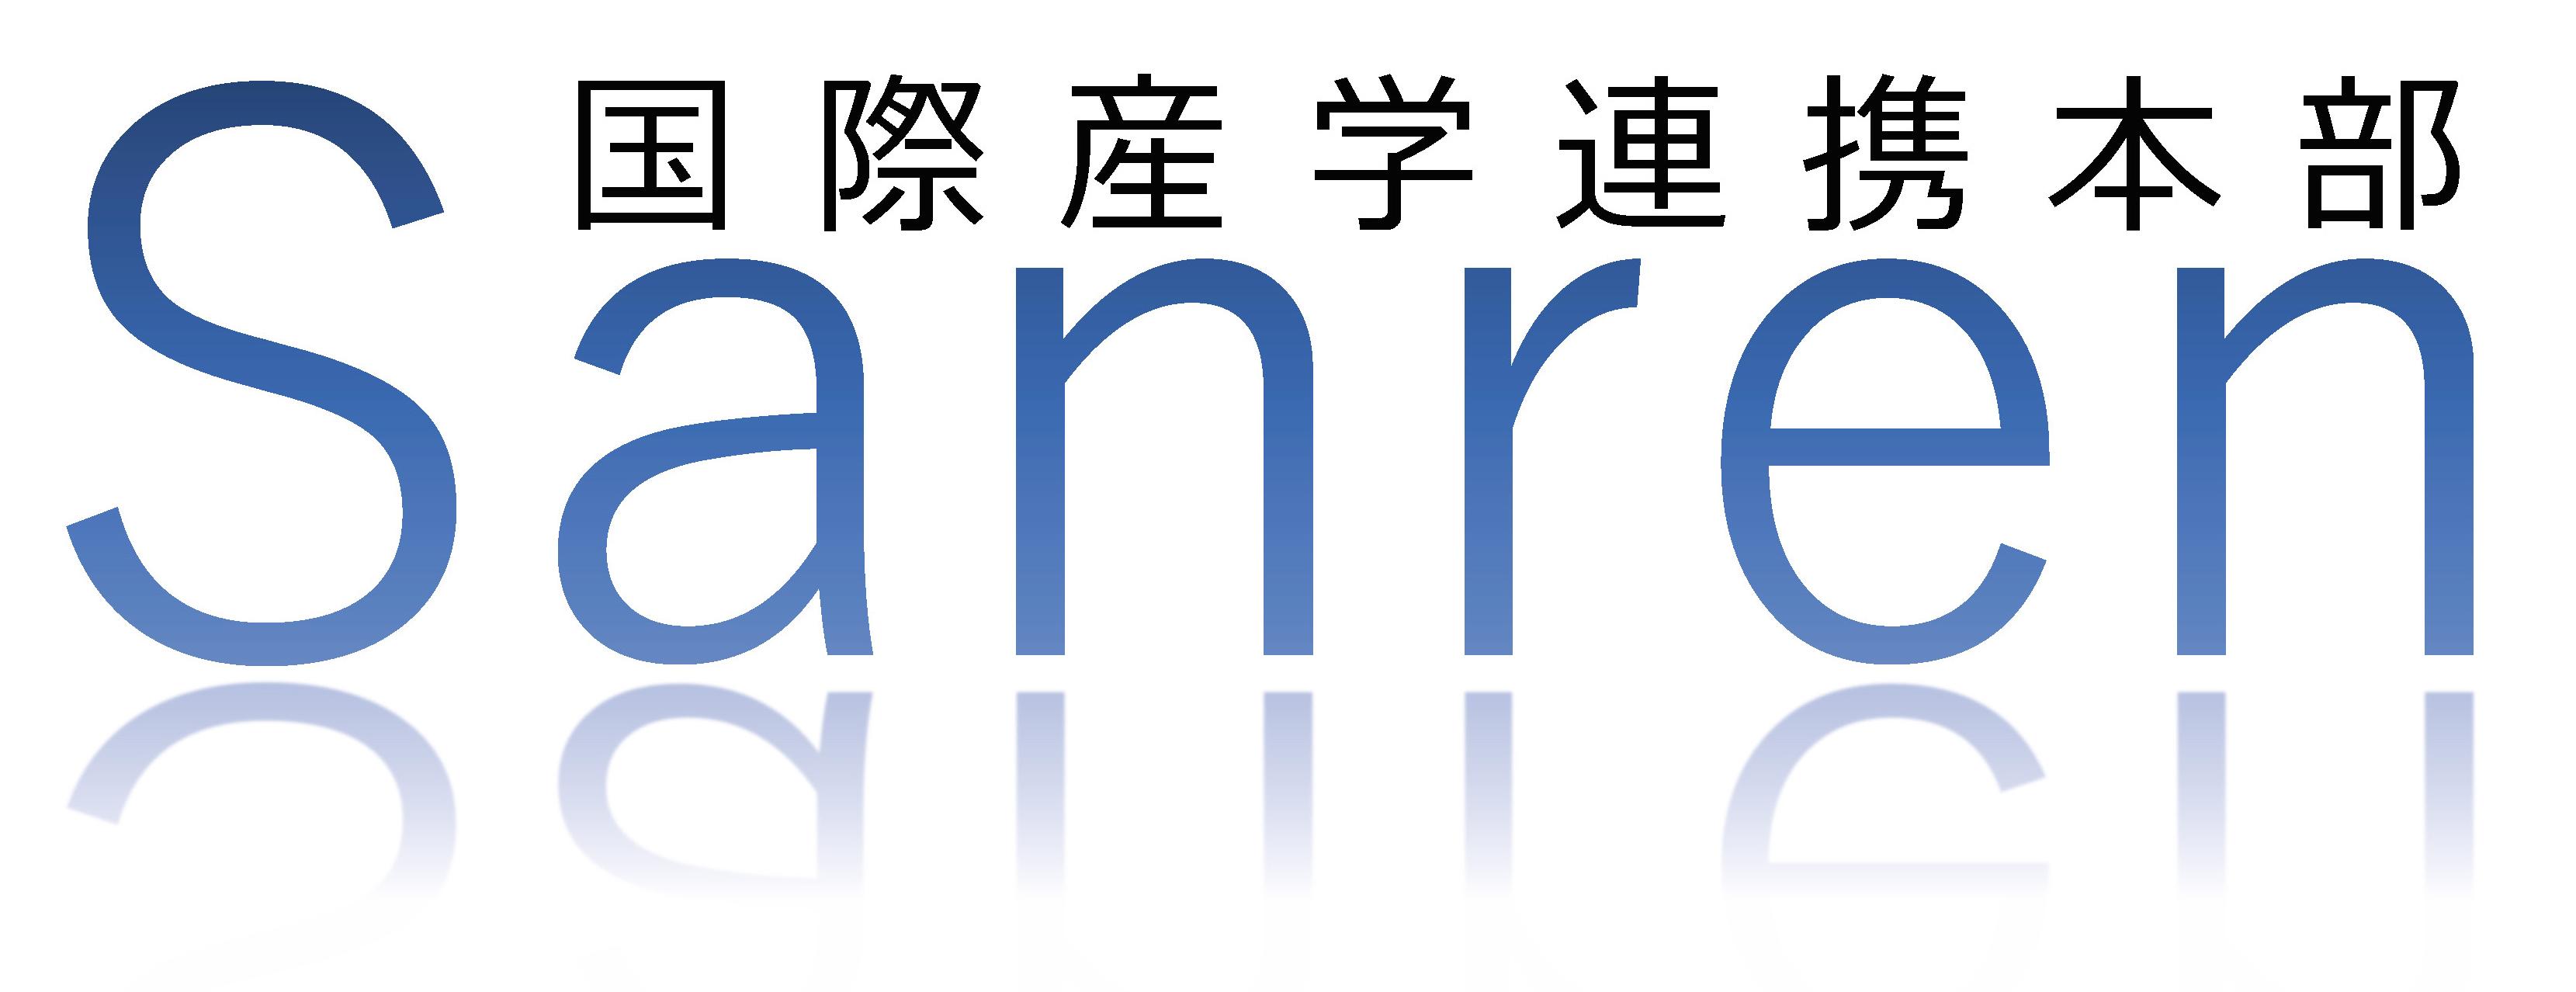 筑波大学国際産学連携本部 Sanren